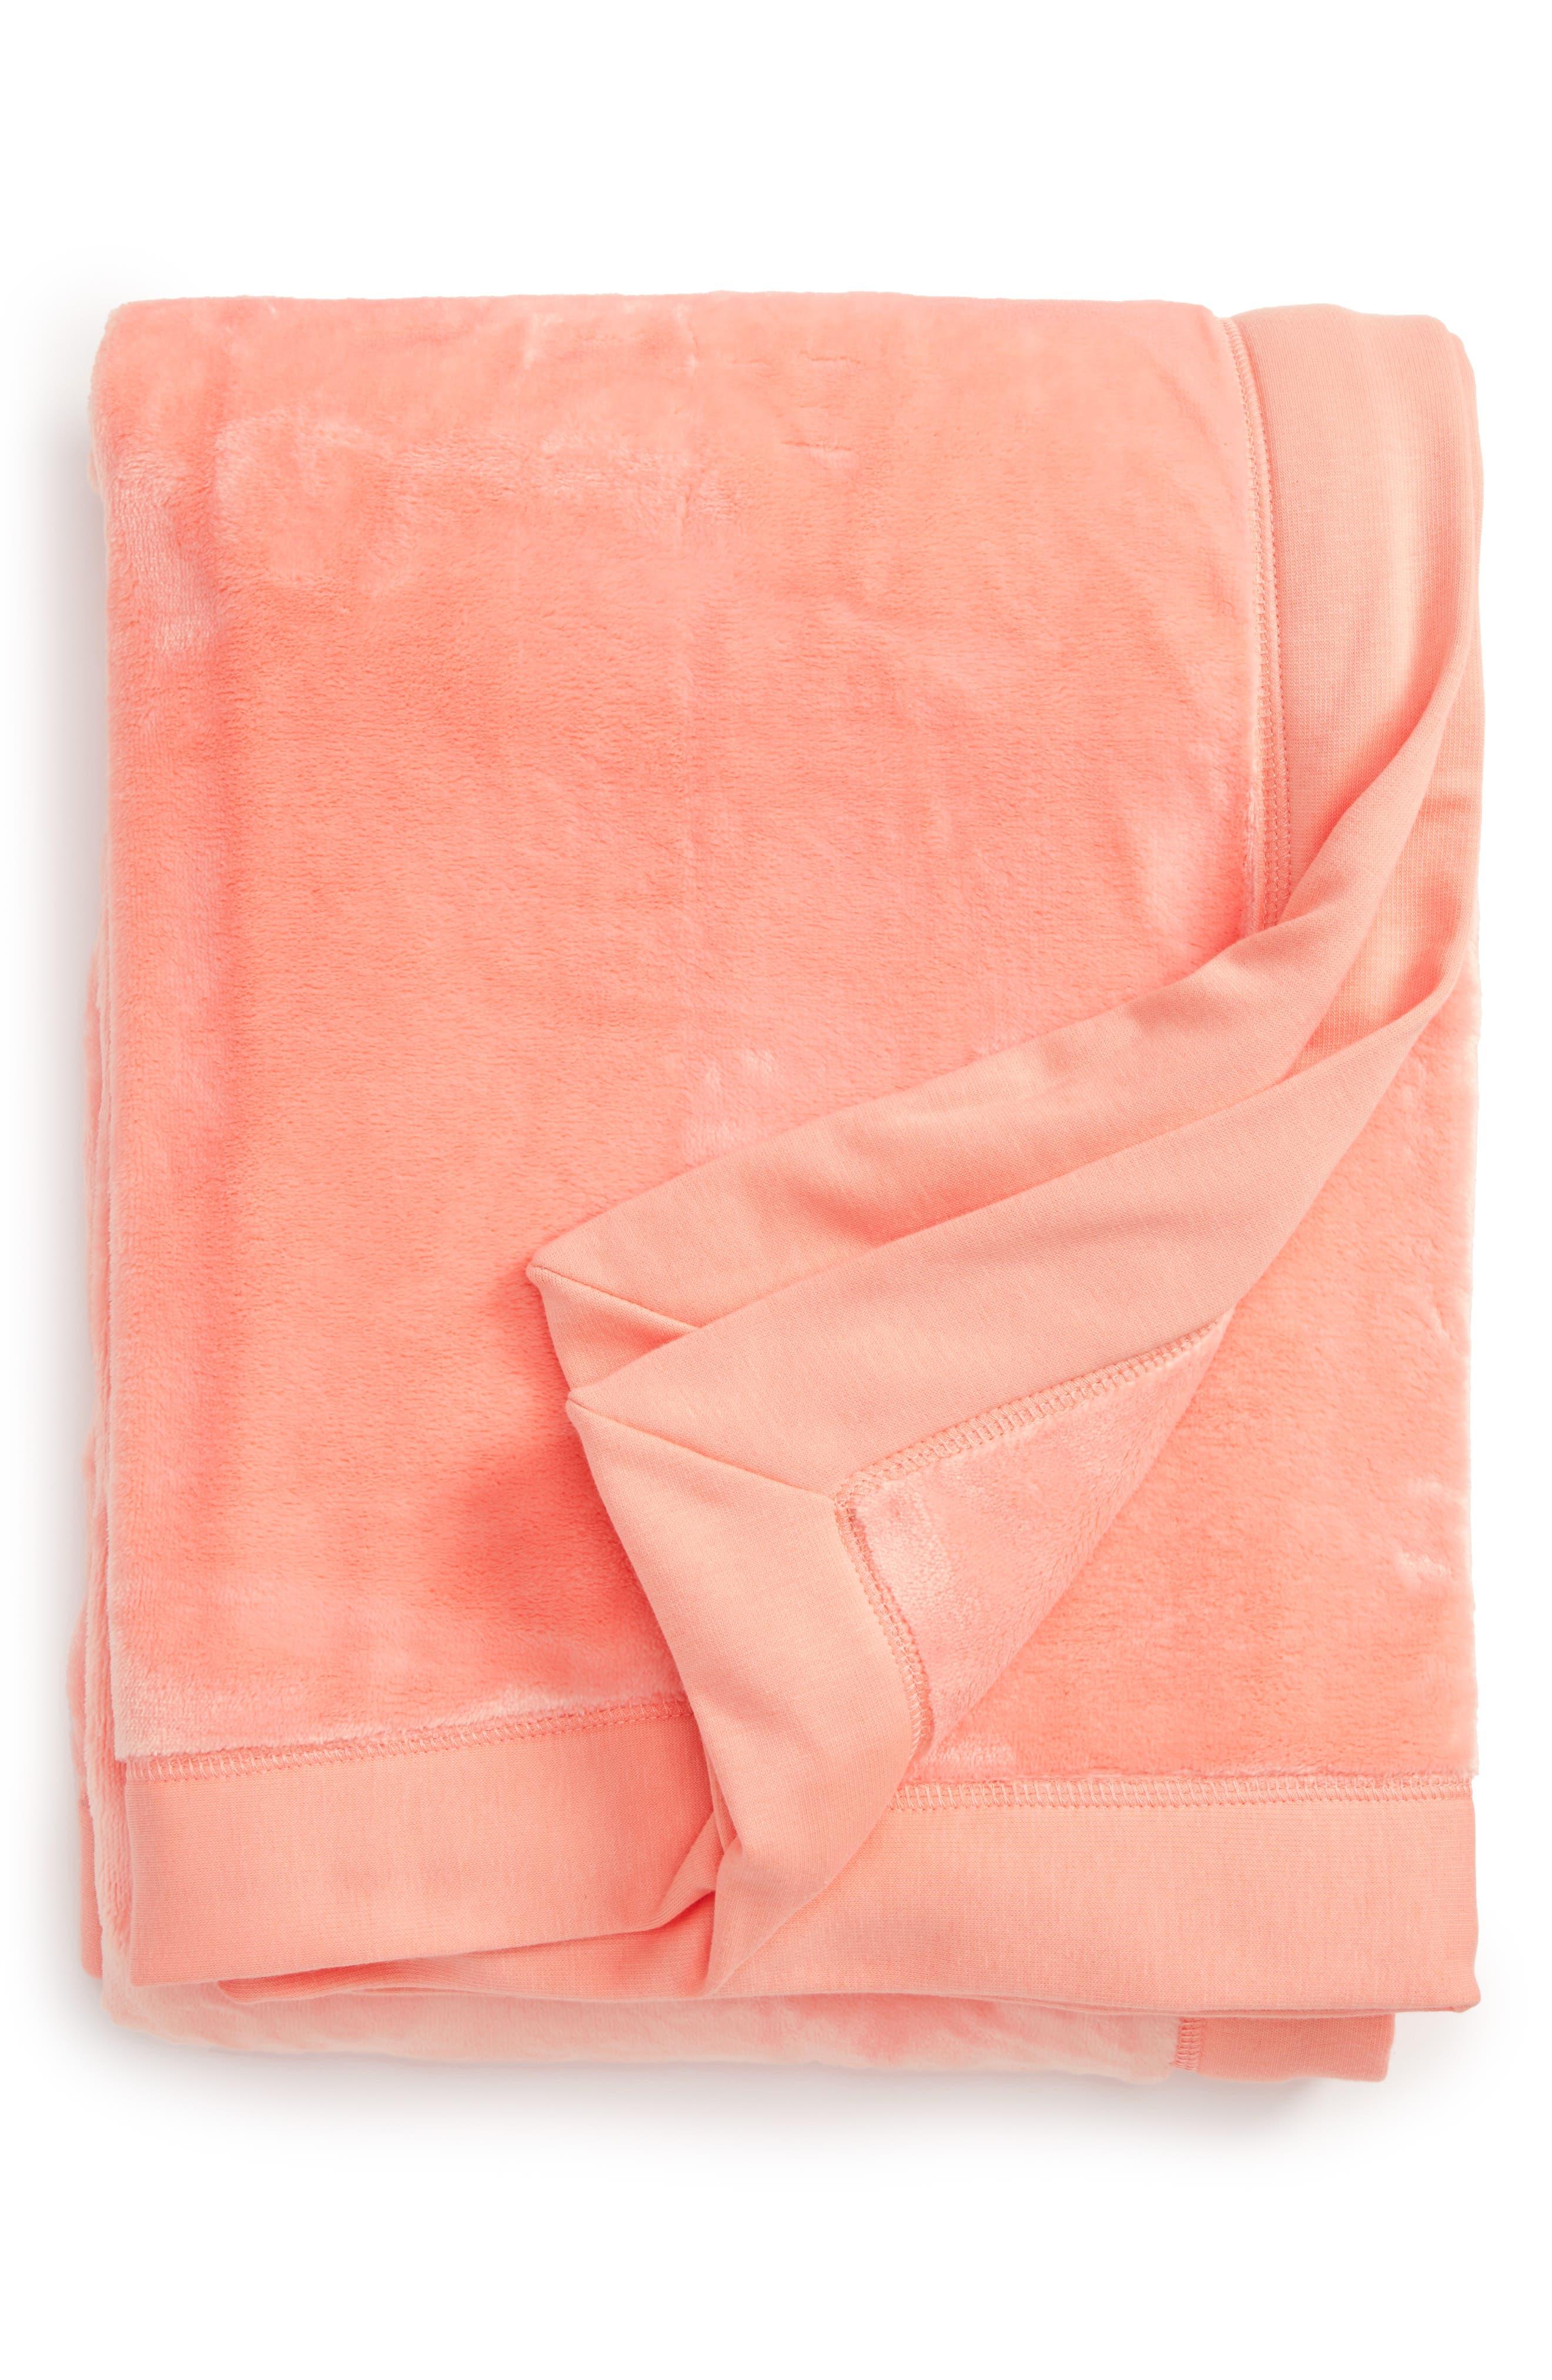 Duffield Throw,                         Main,                         color, Tropical Peach